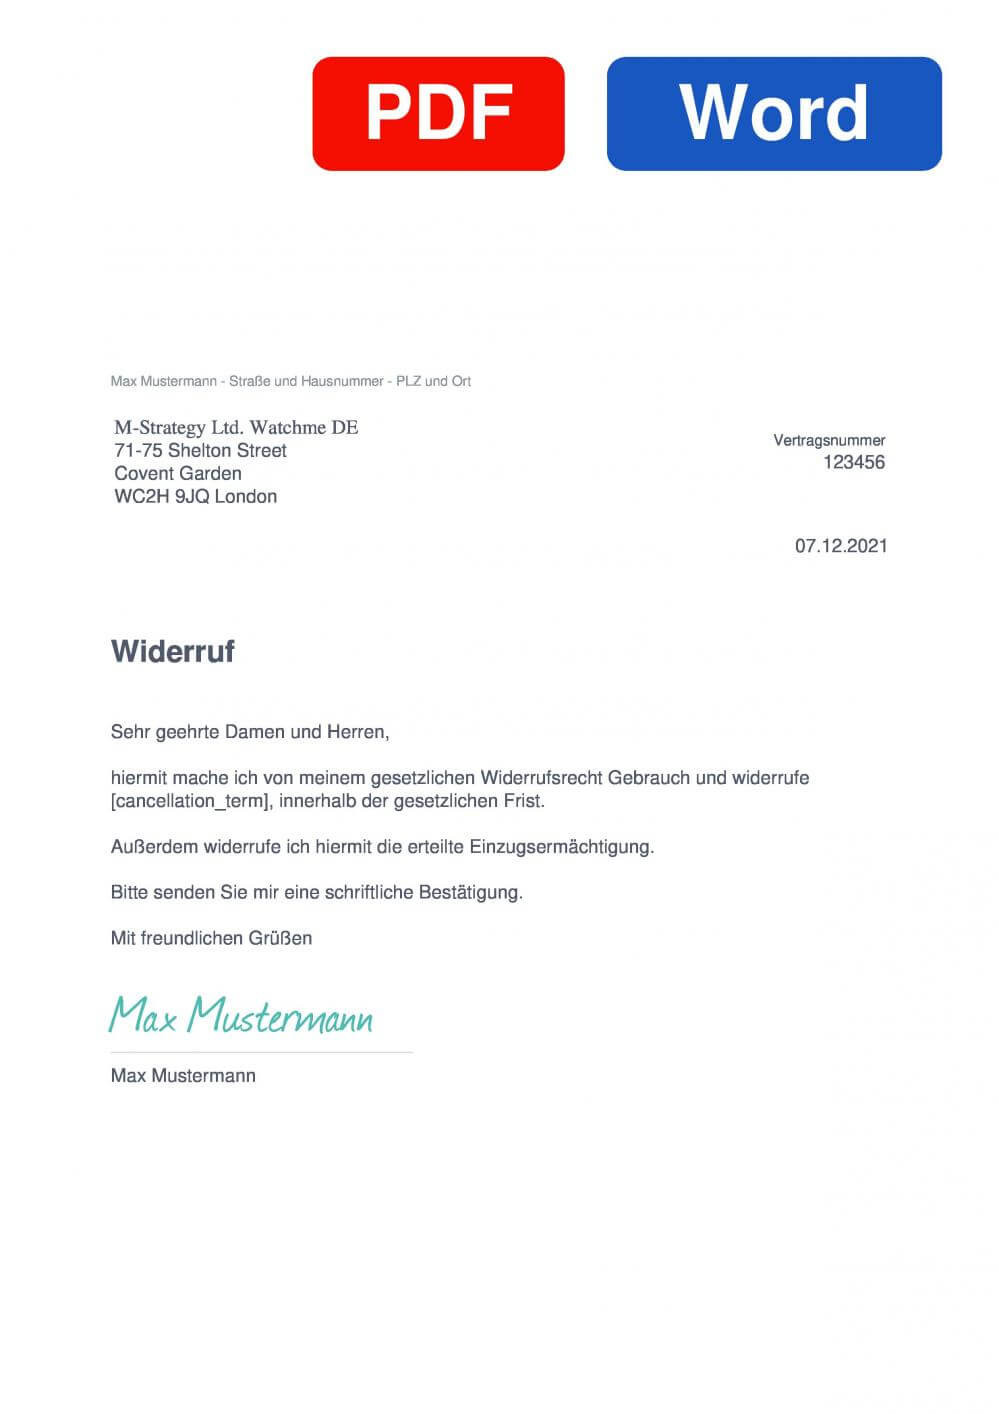 M-Strategy Muster Vorlage für Wiederrufsschreiben